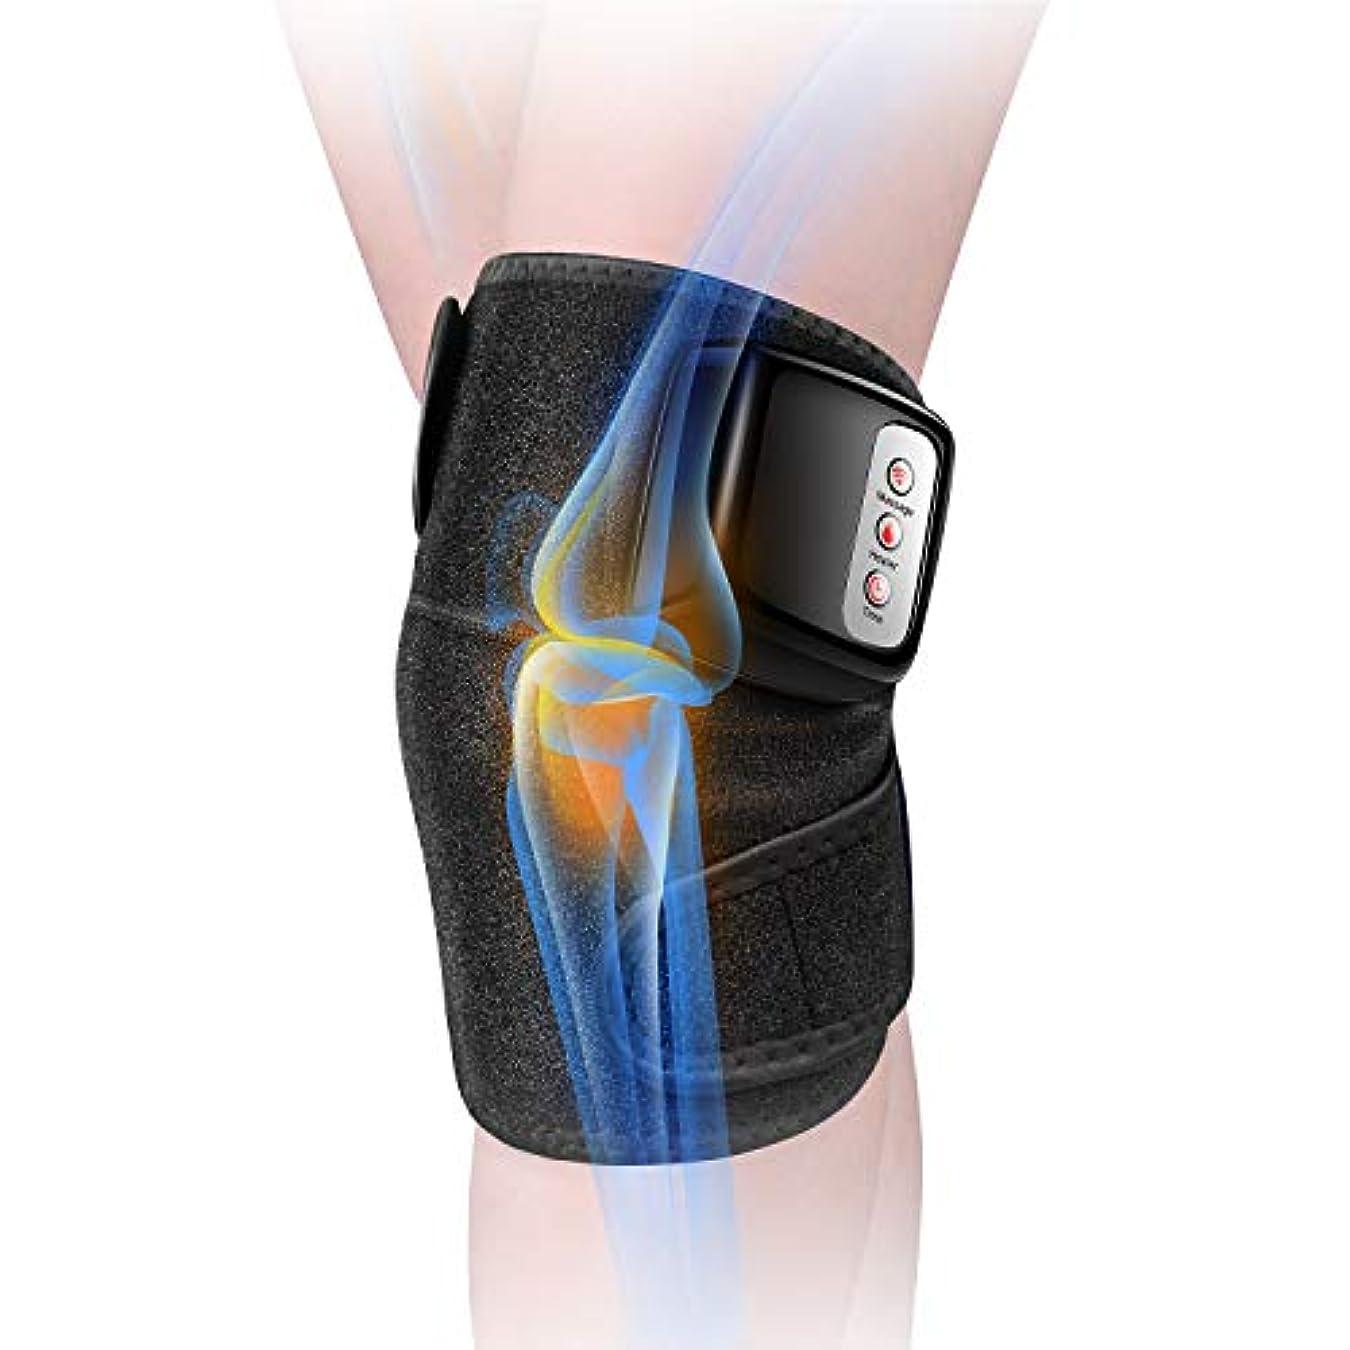 支給再集計側溝膝マッサージャー 関節マッサージャー マッサージ器 フットマッサージャー 振動 赤外線療法 温熱療法 膝サポーター ストレス解消 肩 太もも/腕対応